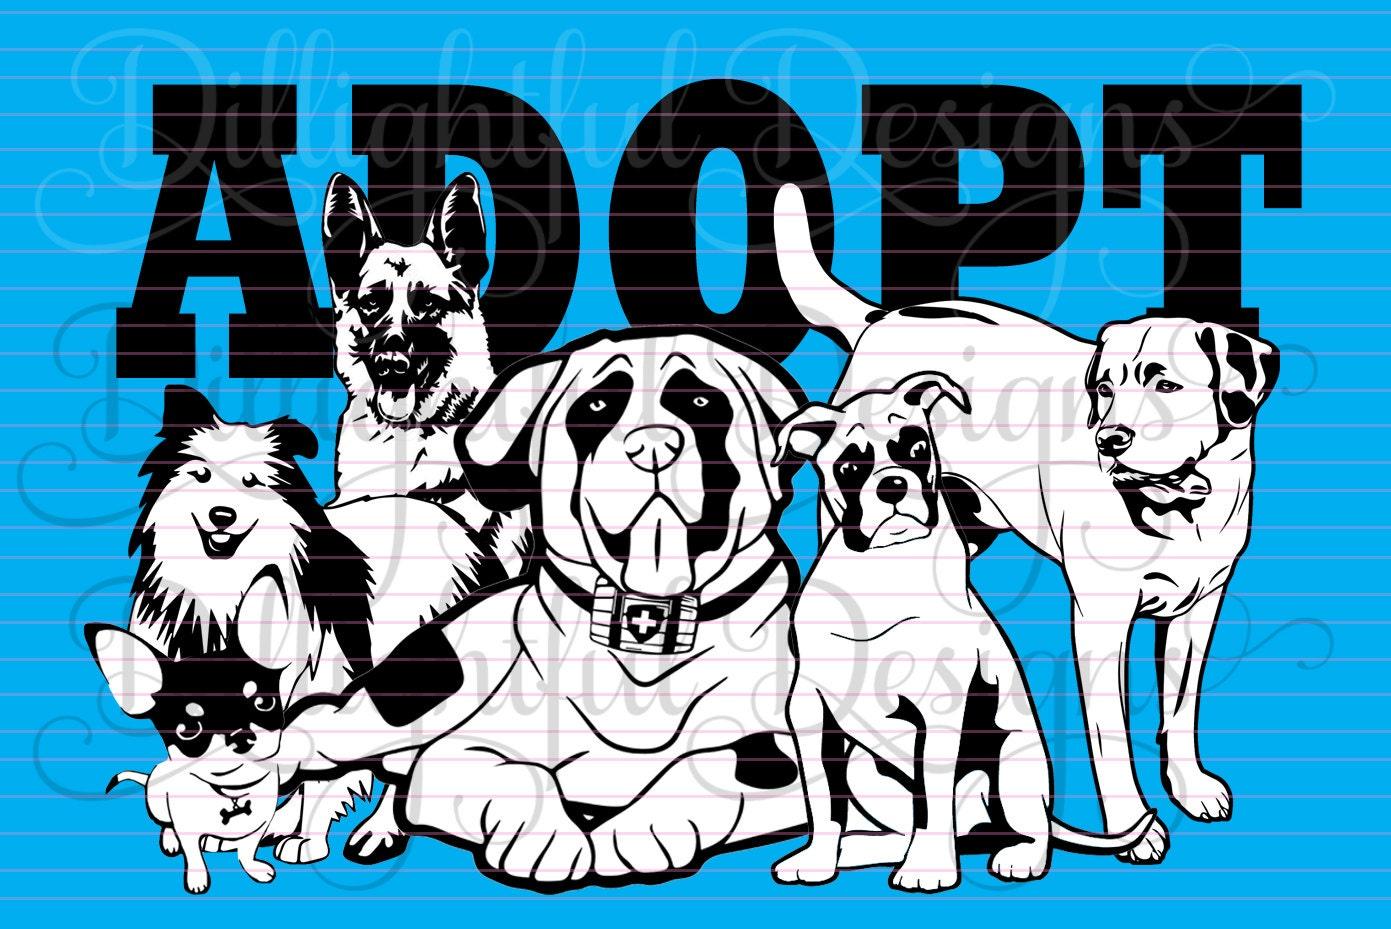 Sheltie Animal Rescue Pet Adoption Adopt a DOG SVG Decal Digital